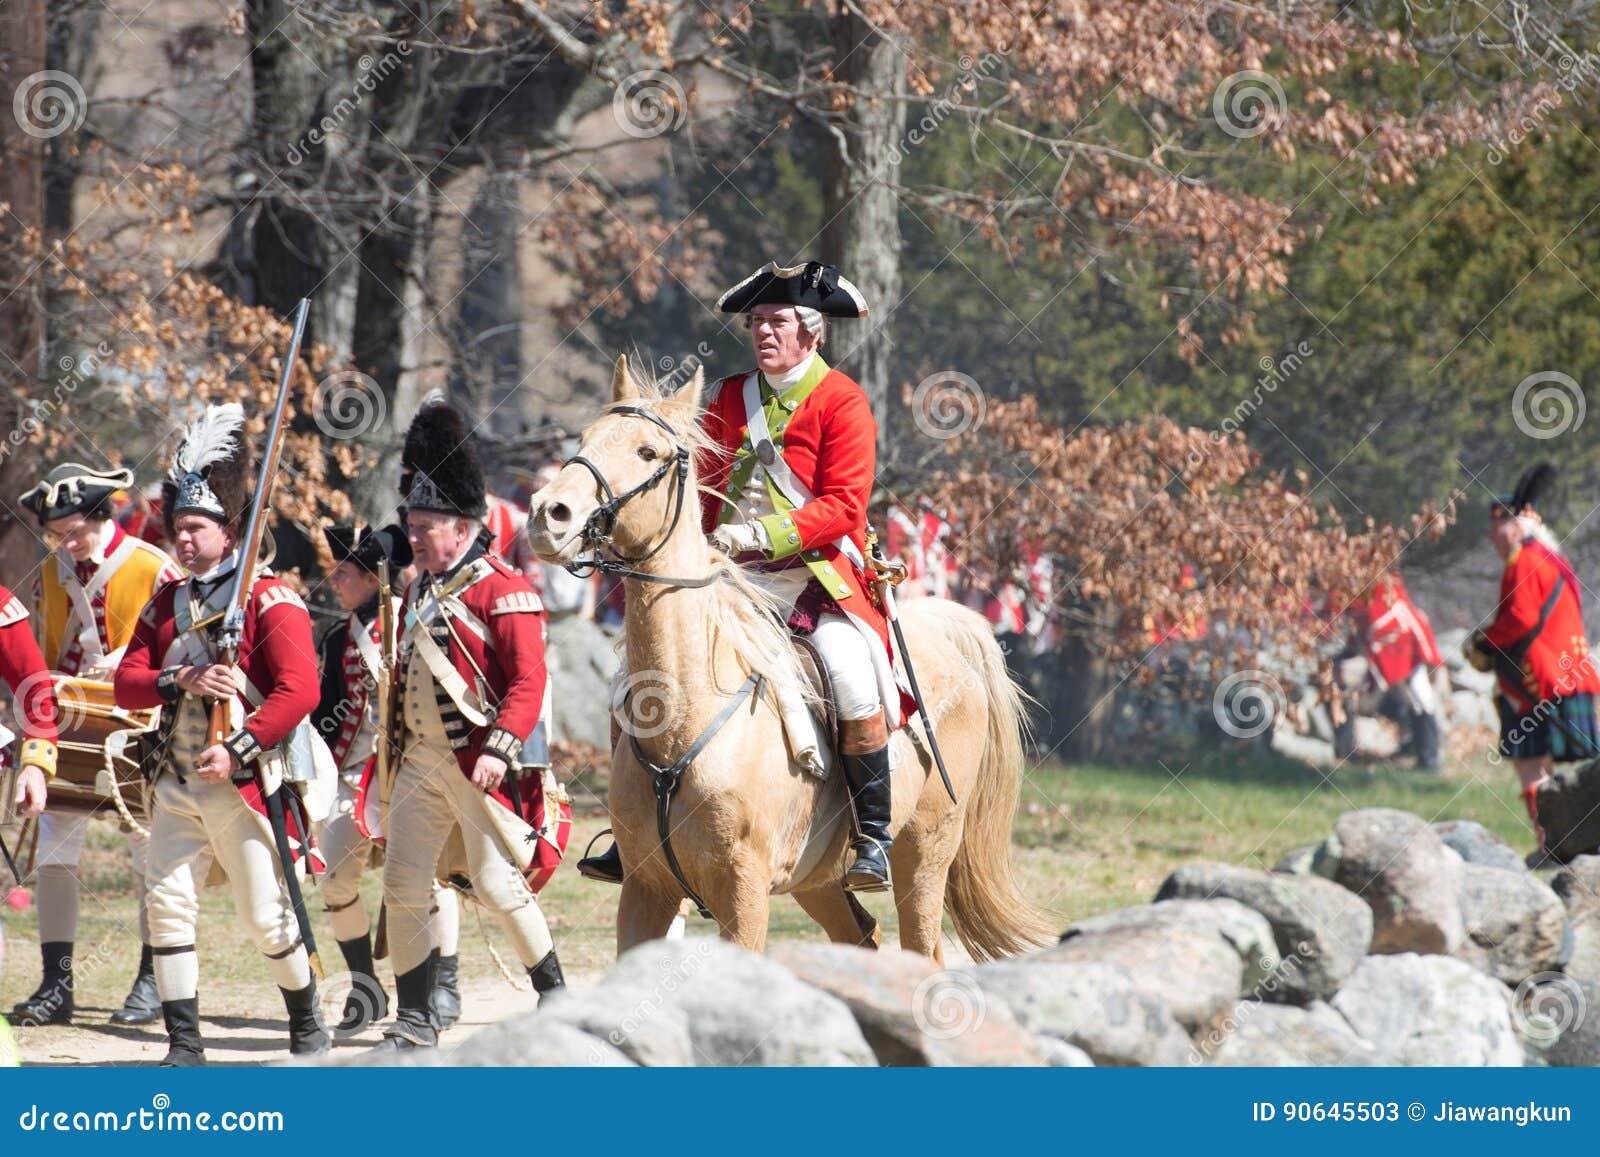 Événements historiques de reconstitution à Lexington, mA, Etats-Unis